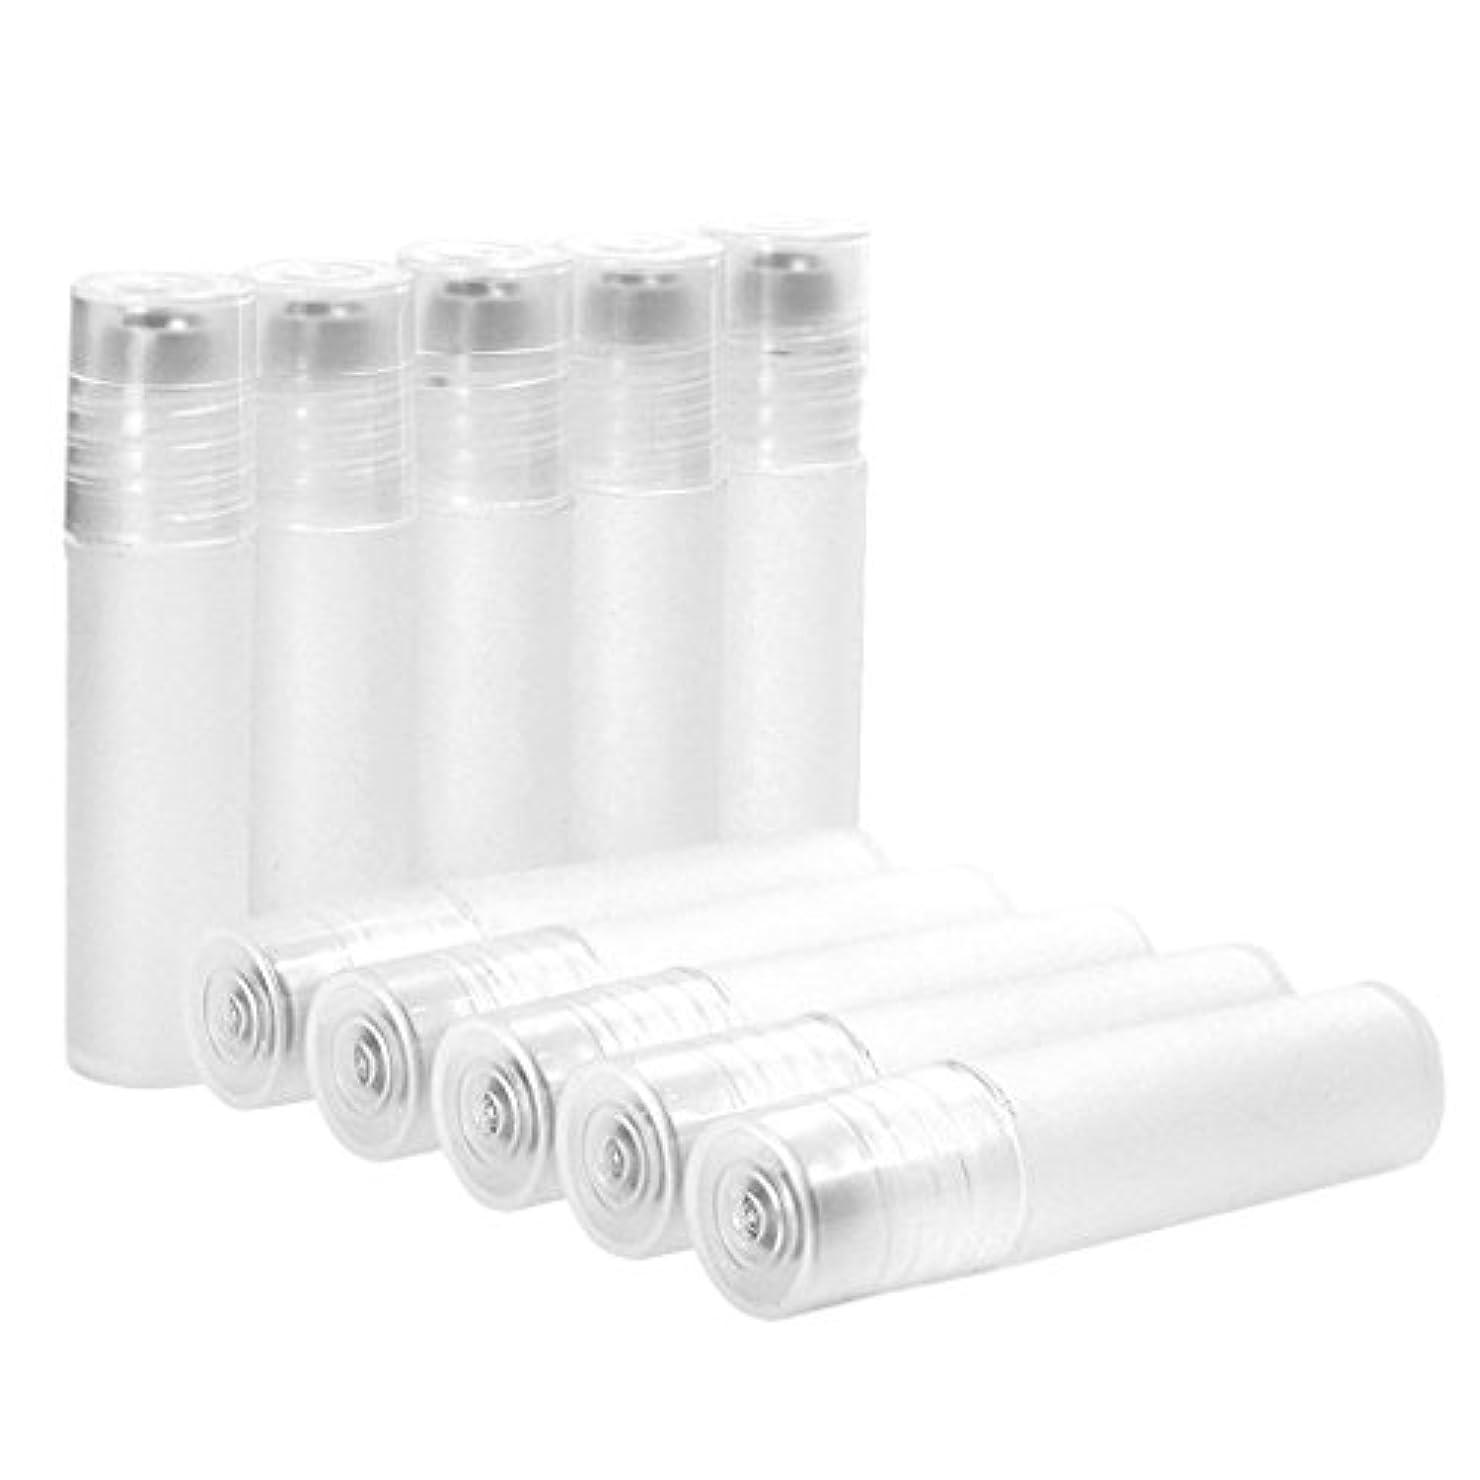 知的してはいけません敬意を表する10本セット 空ボトル 香水 クリーム 液体 リフィルボトル 詰め替え 5ml ミニサイズ